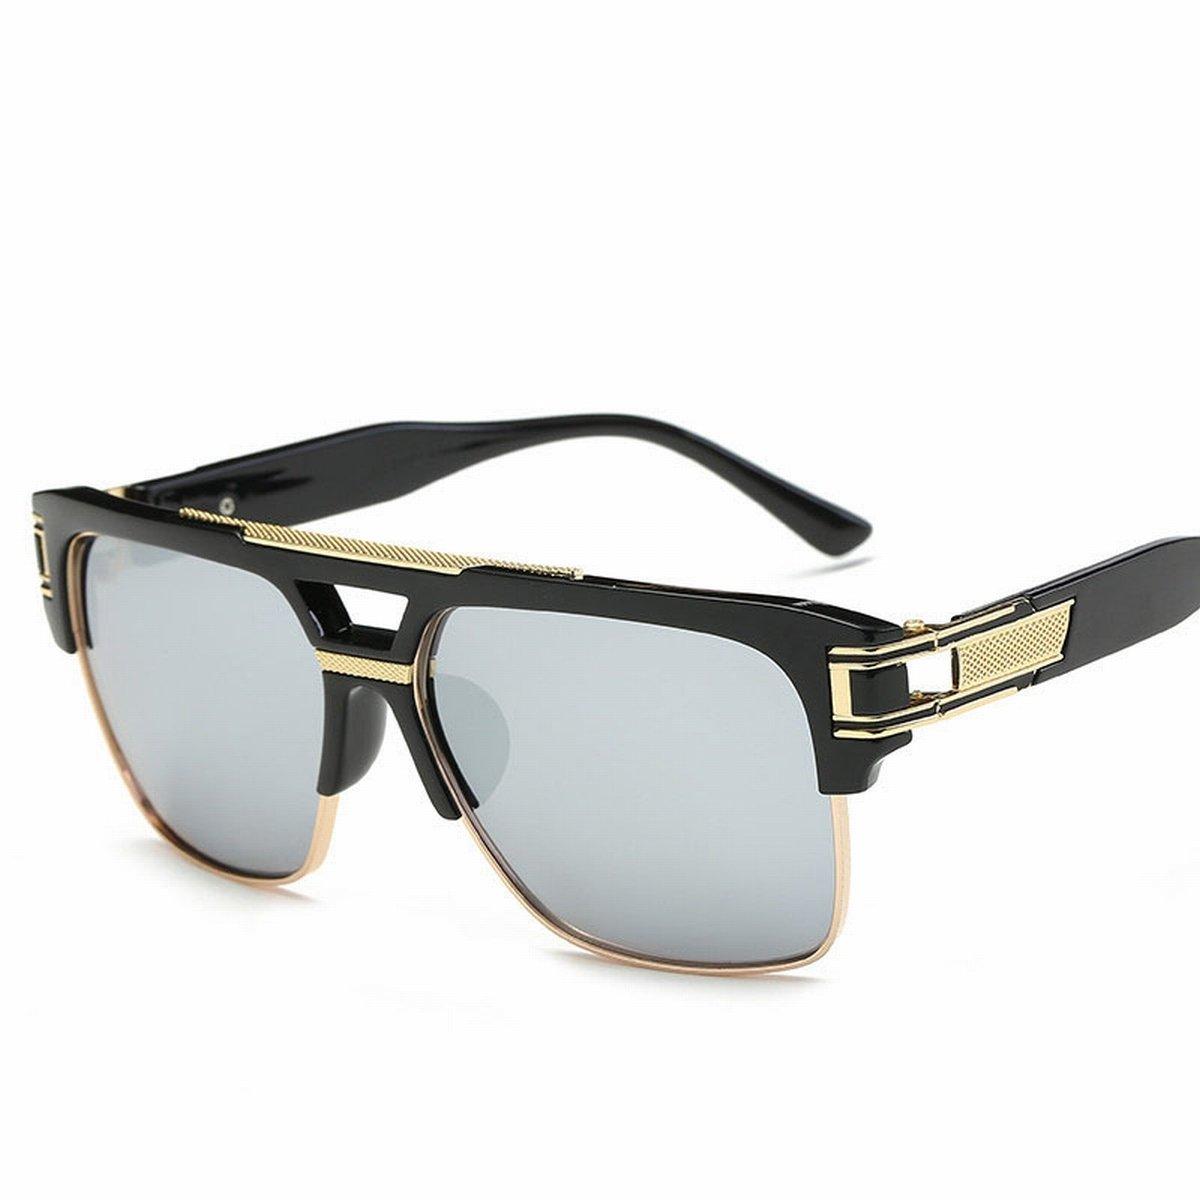 sonnenbrille Männer und frauen seitenrahmen Retro helle farbe reflektierende sonnenbrille Gläser Spiegel schwarzer rahmengradient grau BC4s0lBK